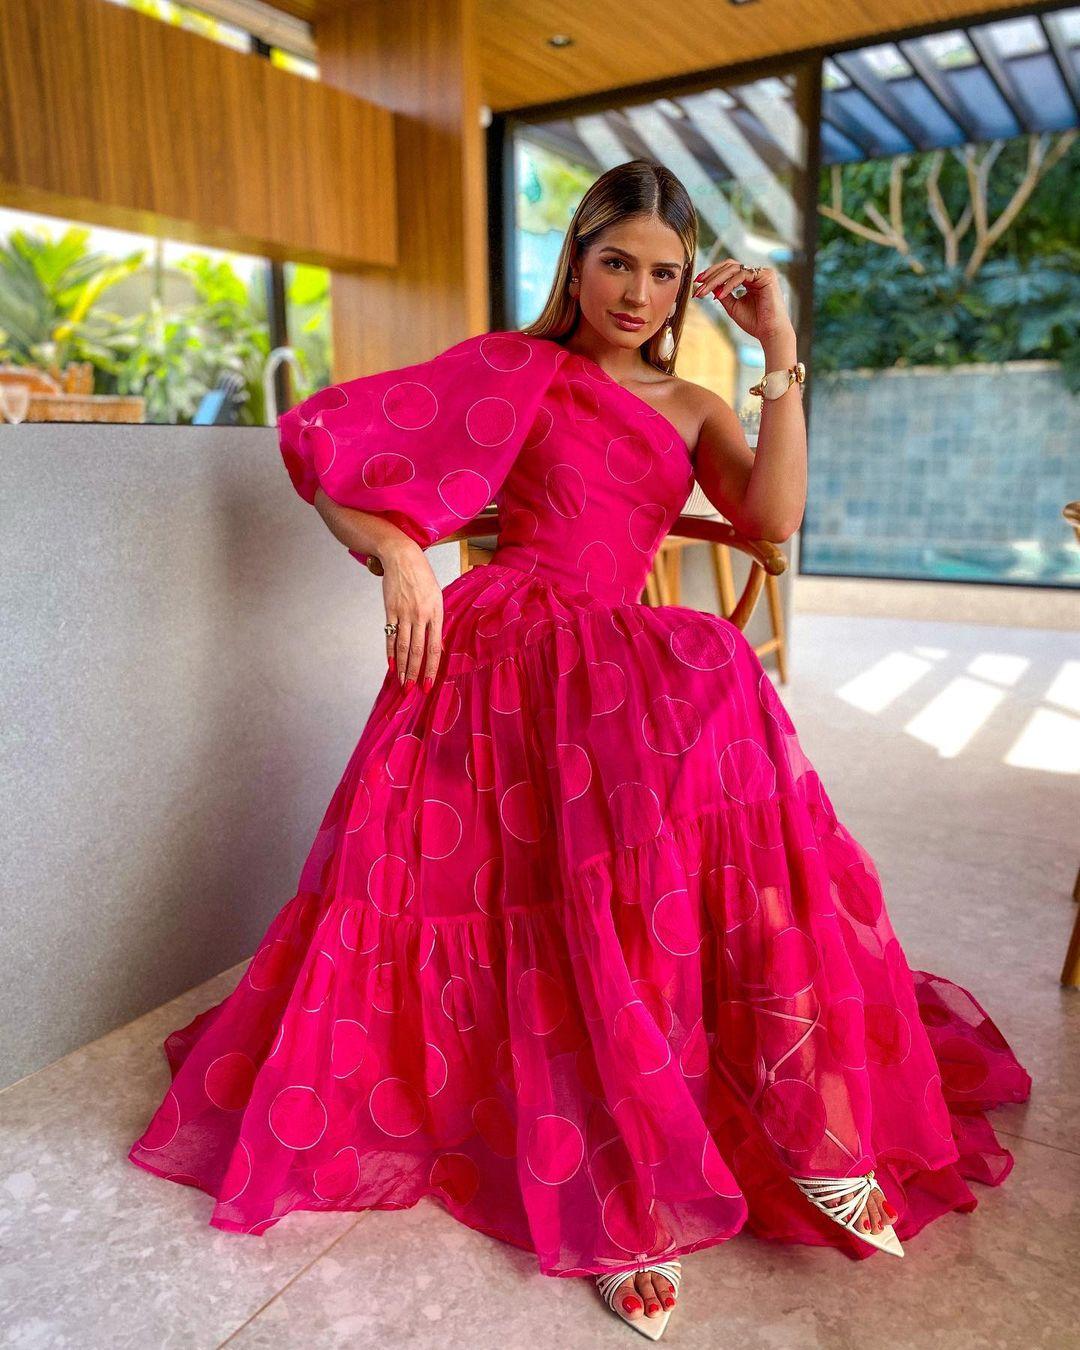 1612584555 321 echa un vistazo a las opciones para comprar y 30 - 40 modelos de vestidos rosas para un look que no pasa desapercibido